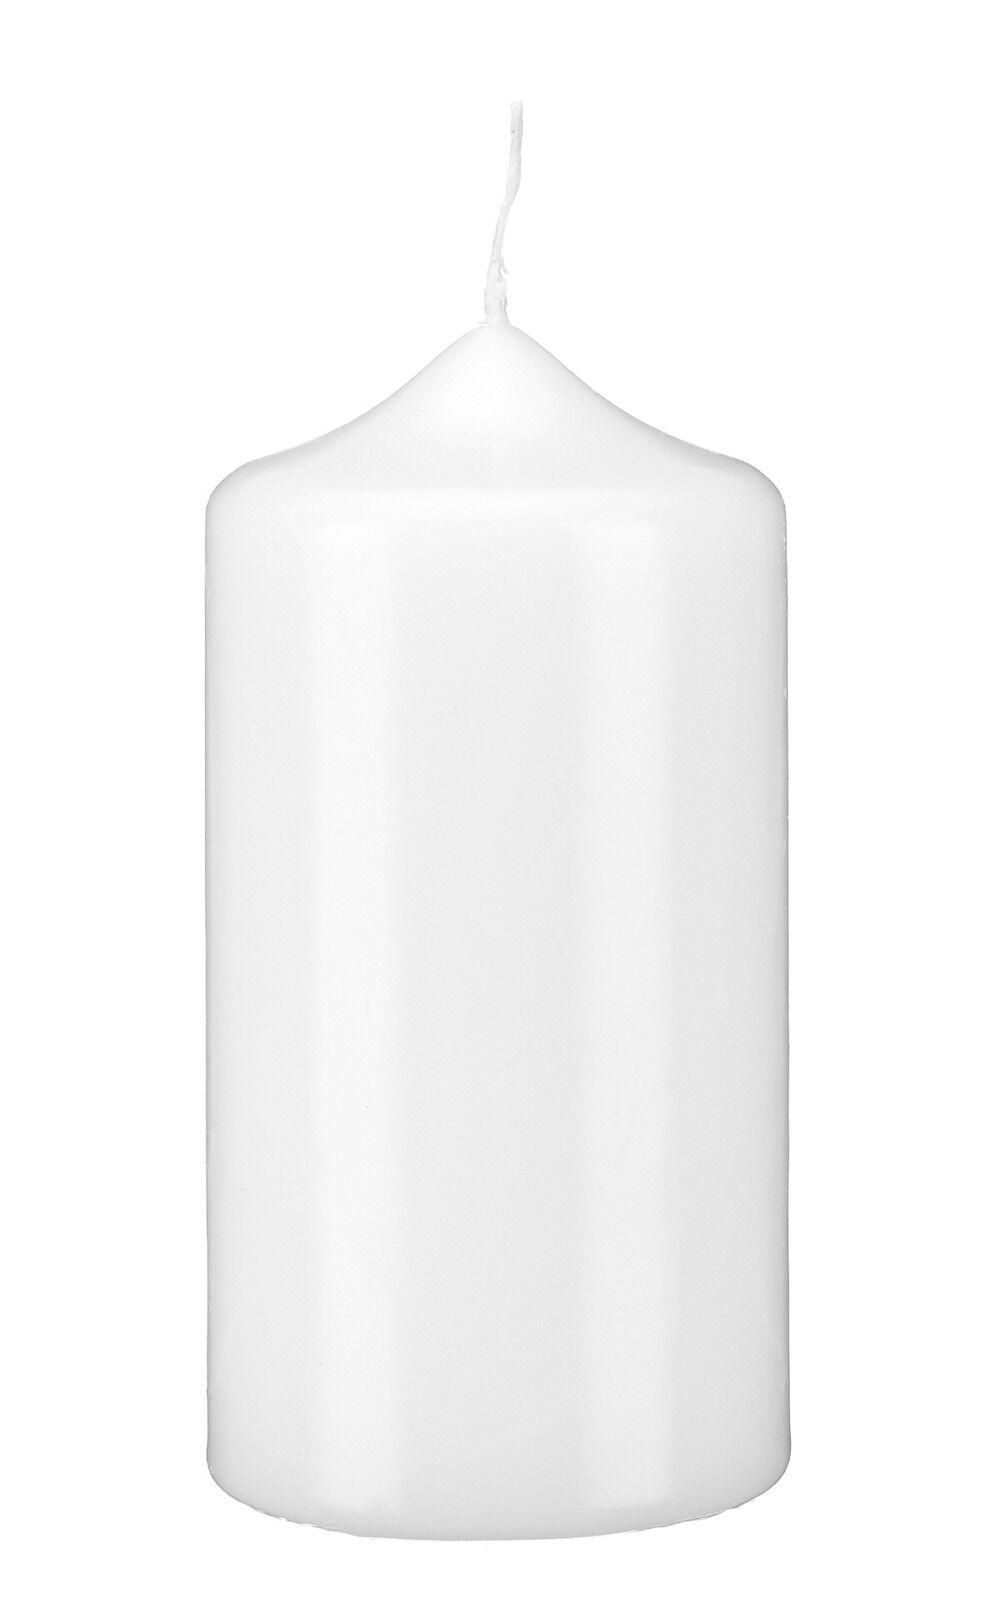 CANDELE, a punta testa, testa, testa, i sigari spuntati, bianco, selezione da 32 dimensioni, dt. qualità CANDELE 7164dd